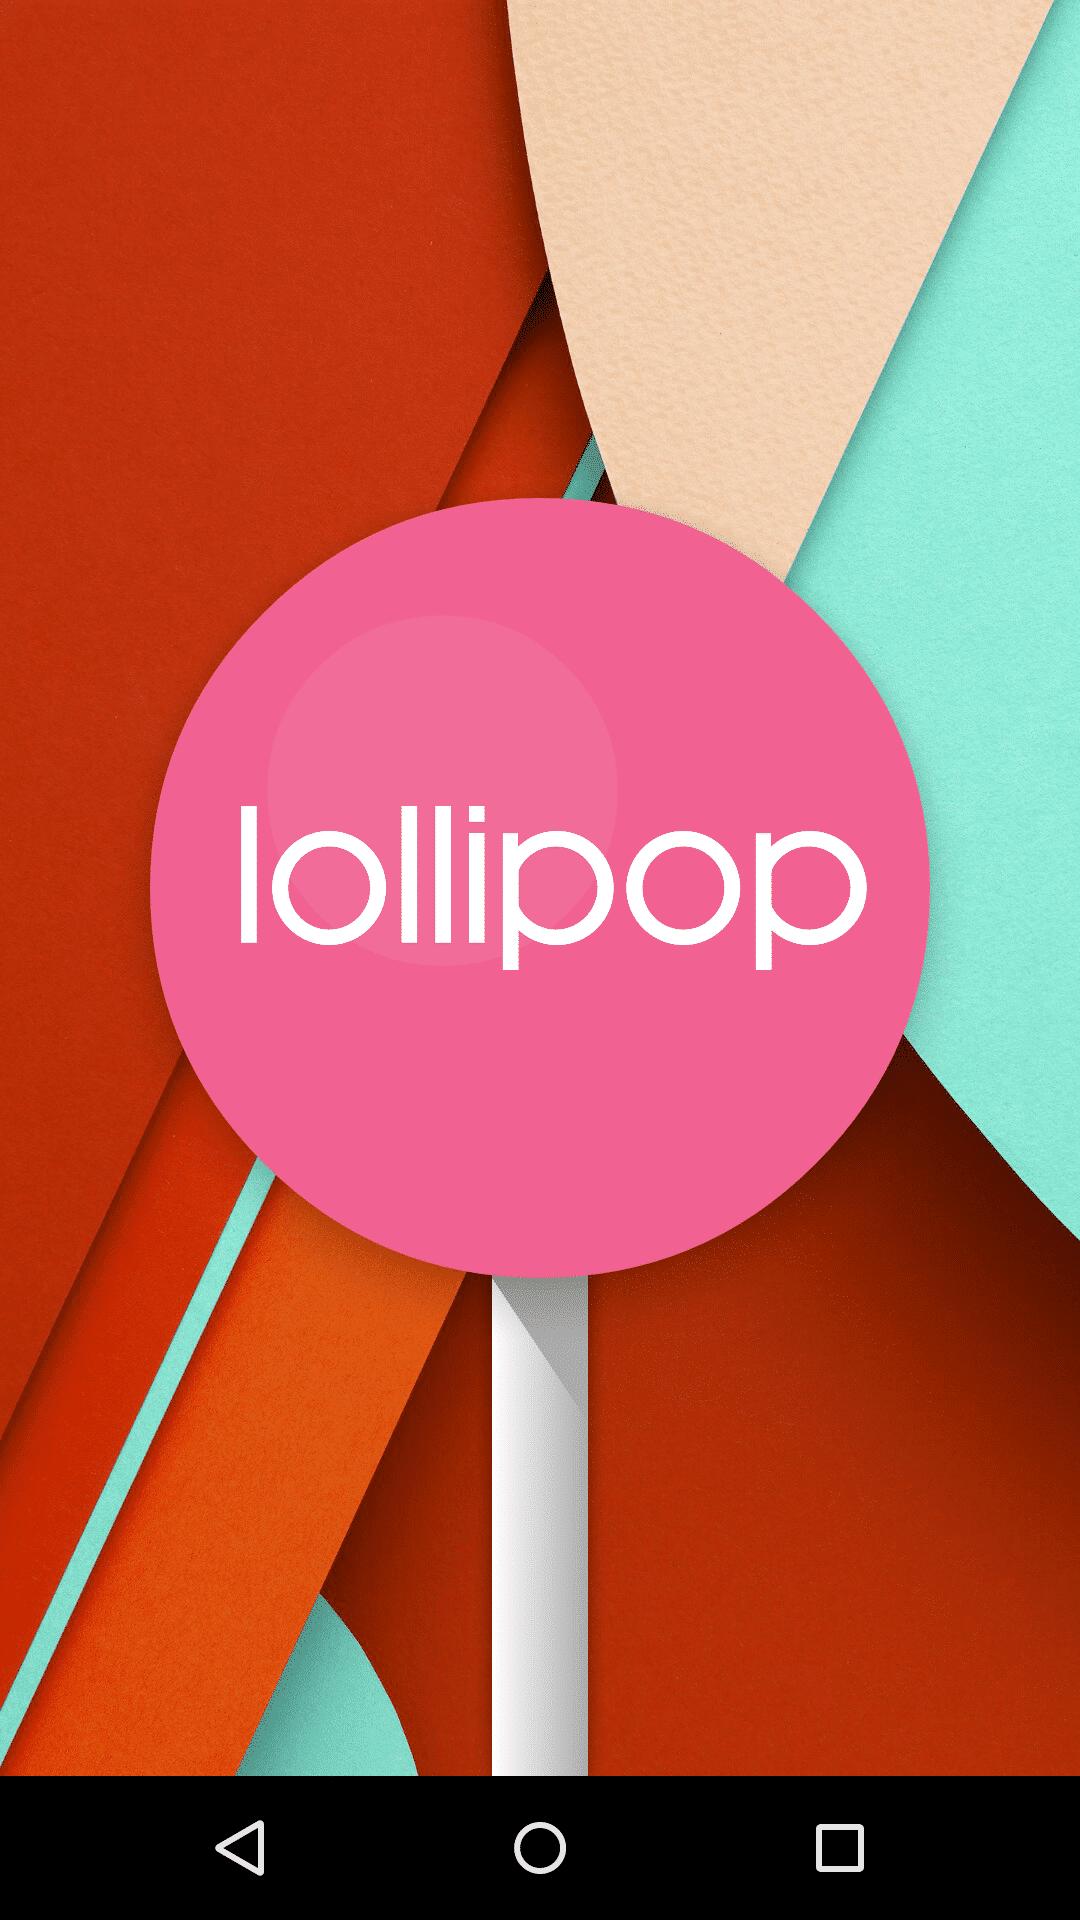 イースターエッグ. Android 5.0 Lollipop